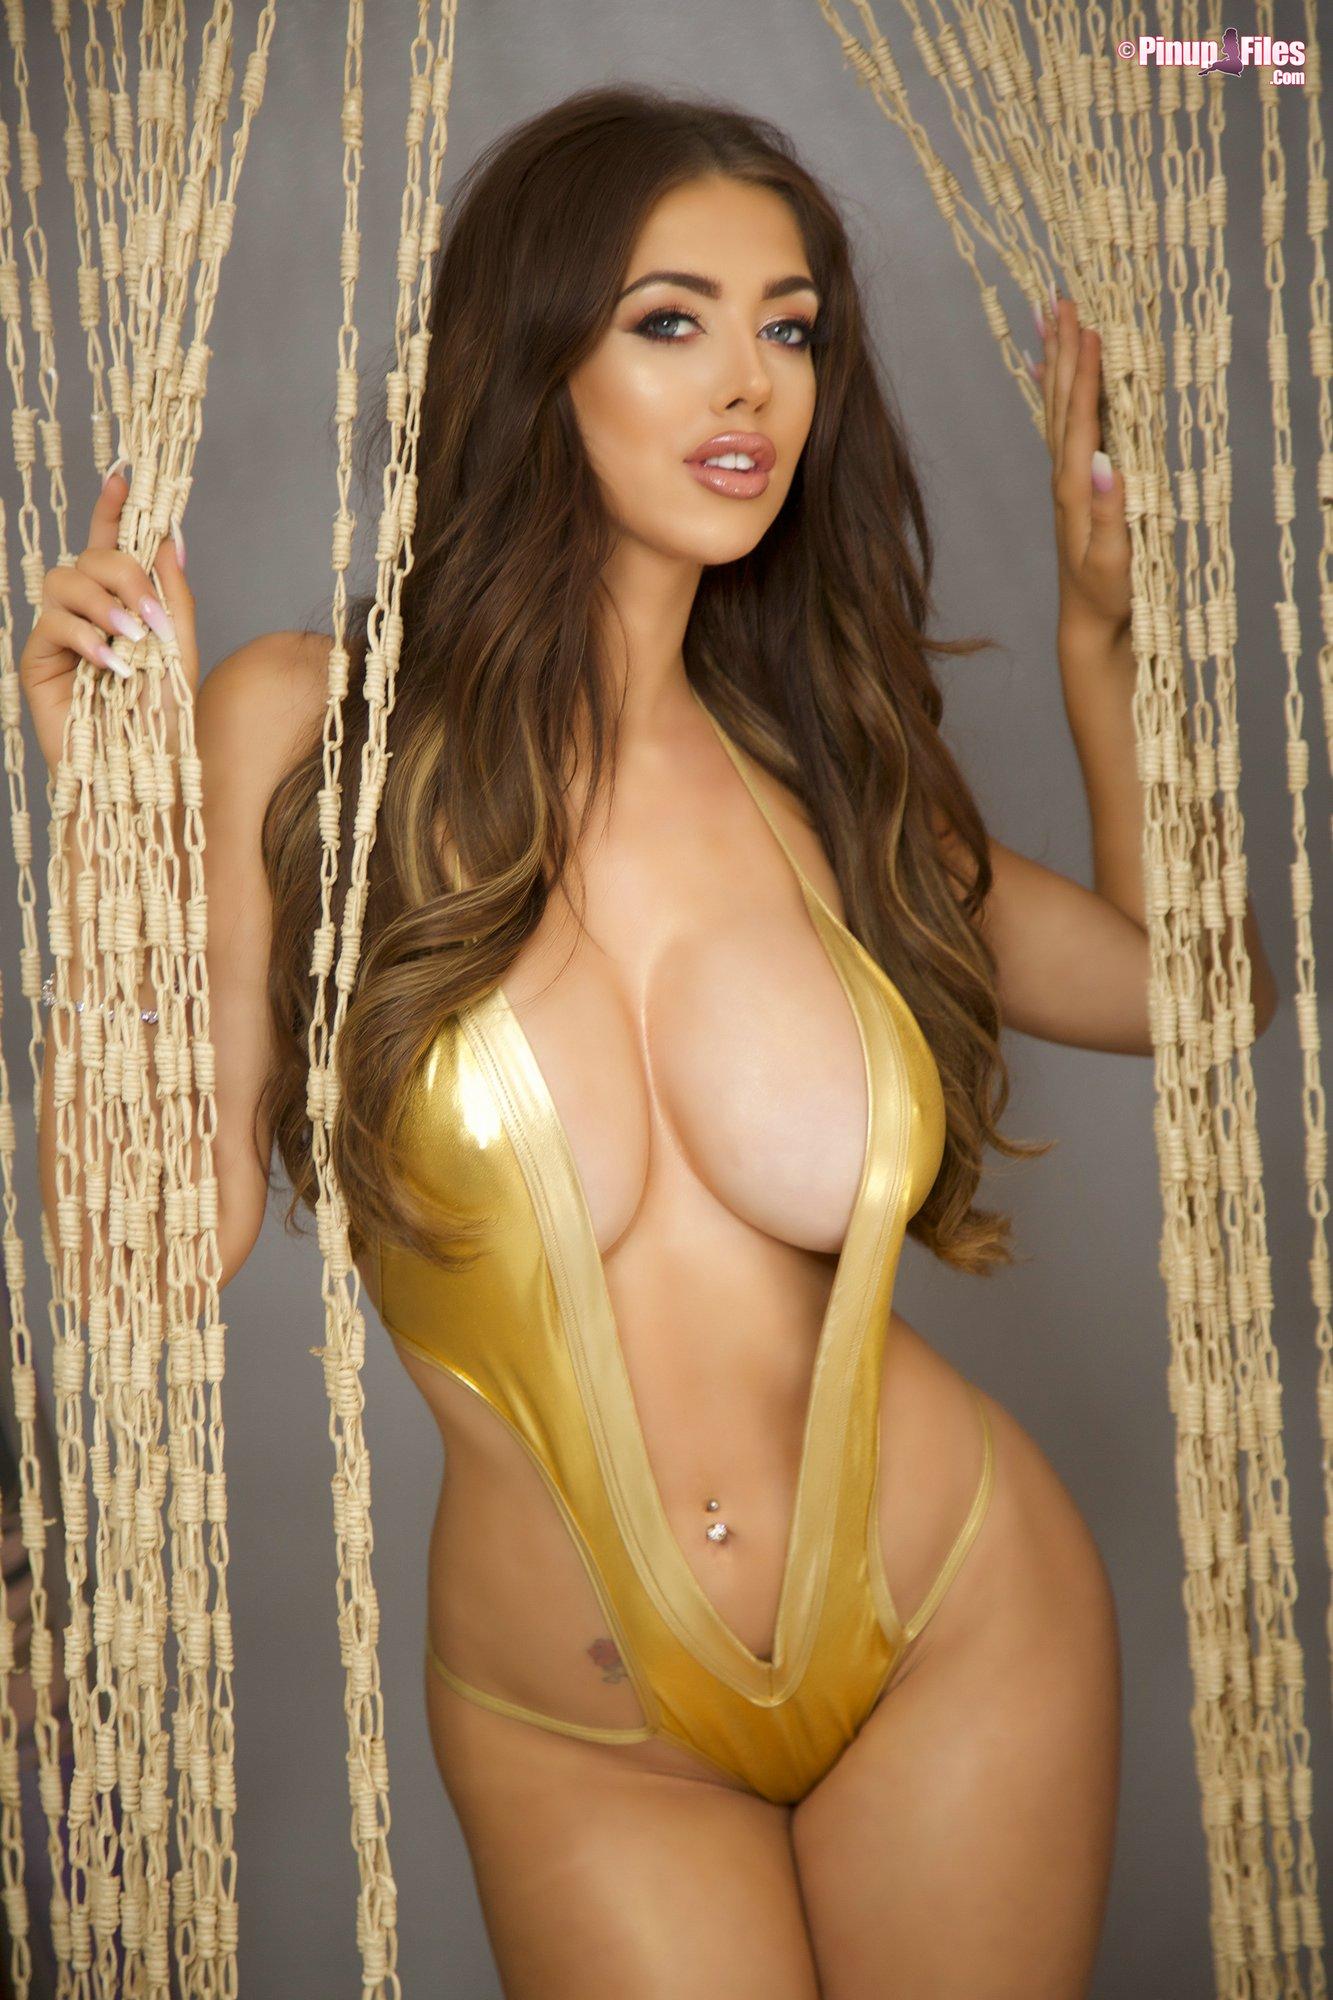 Porn Star Boobs